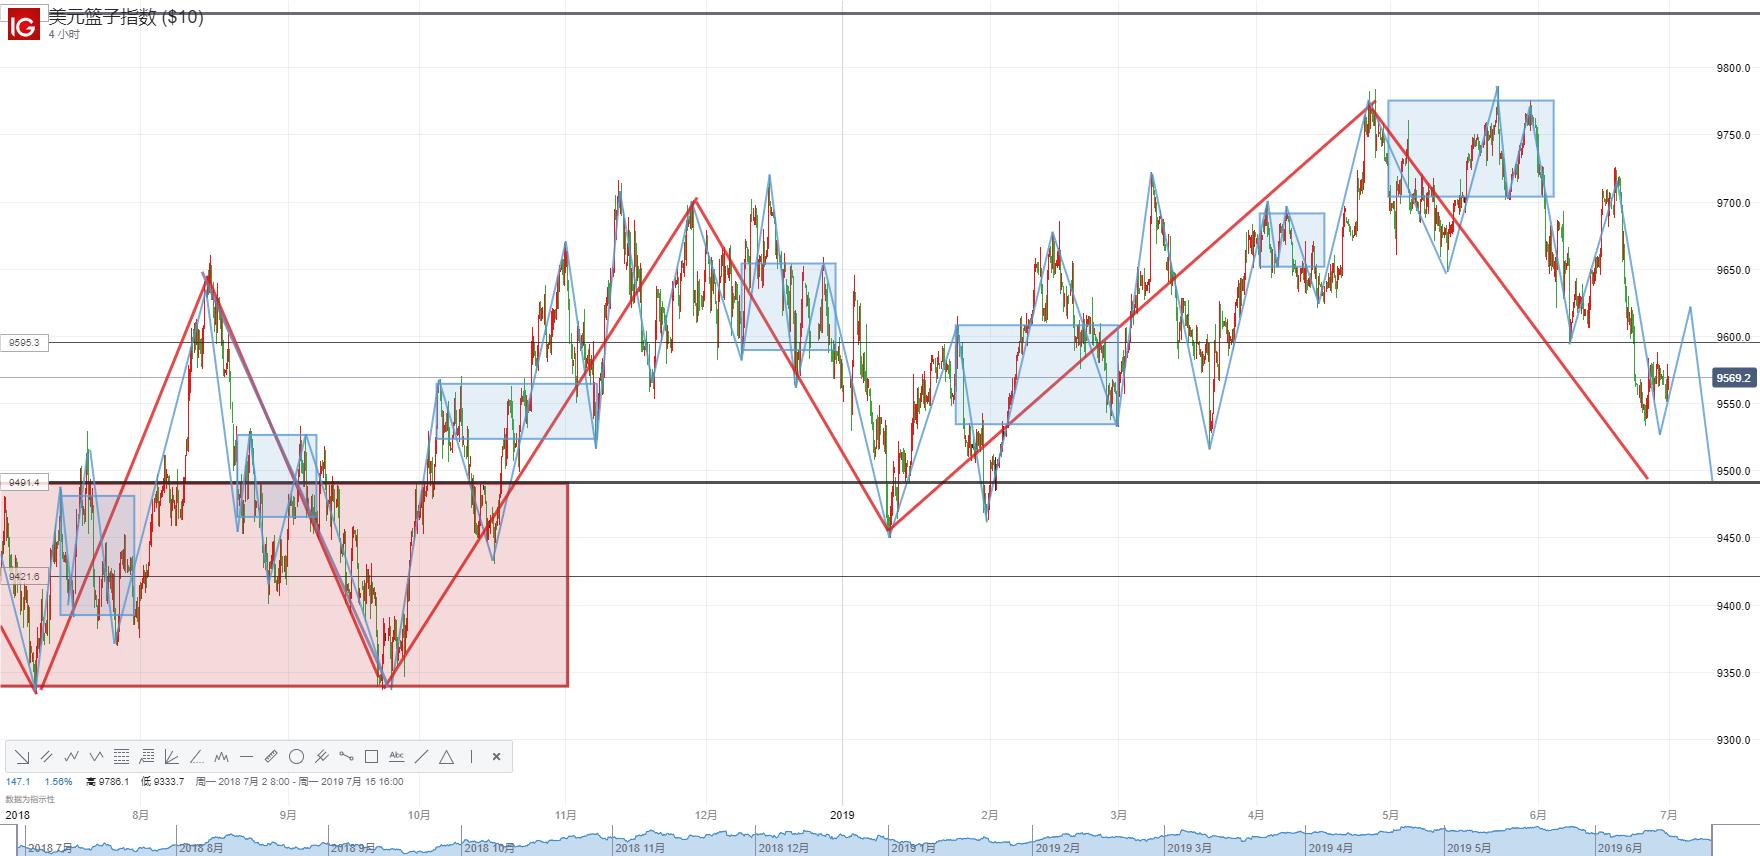 美聯儲降息為時尚早?G20峰會後美聯儲貨幣政策將走向何方?